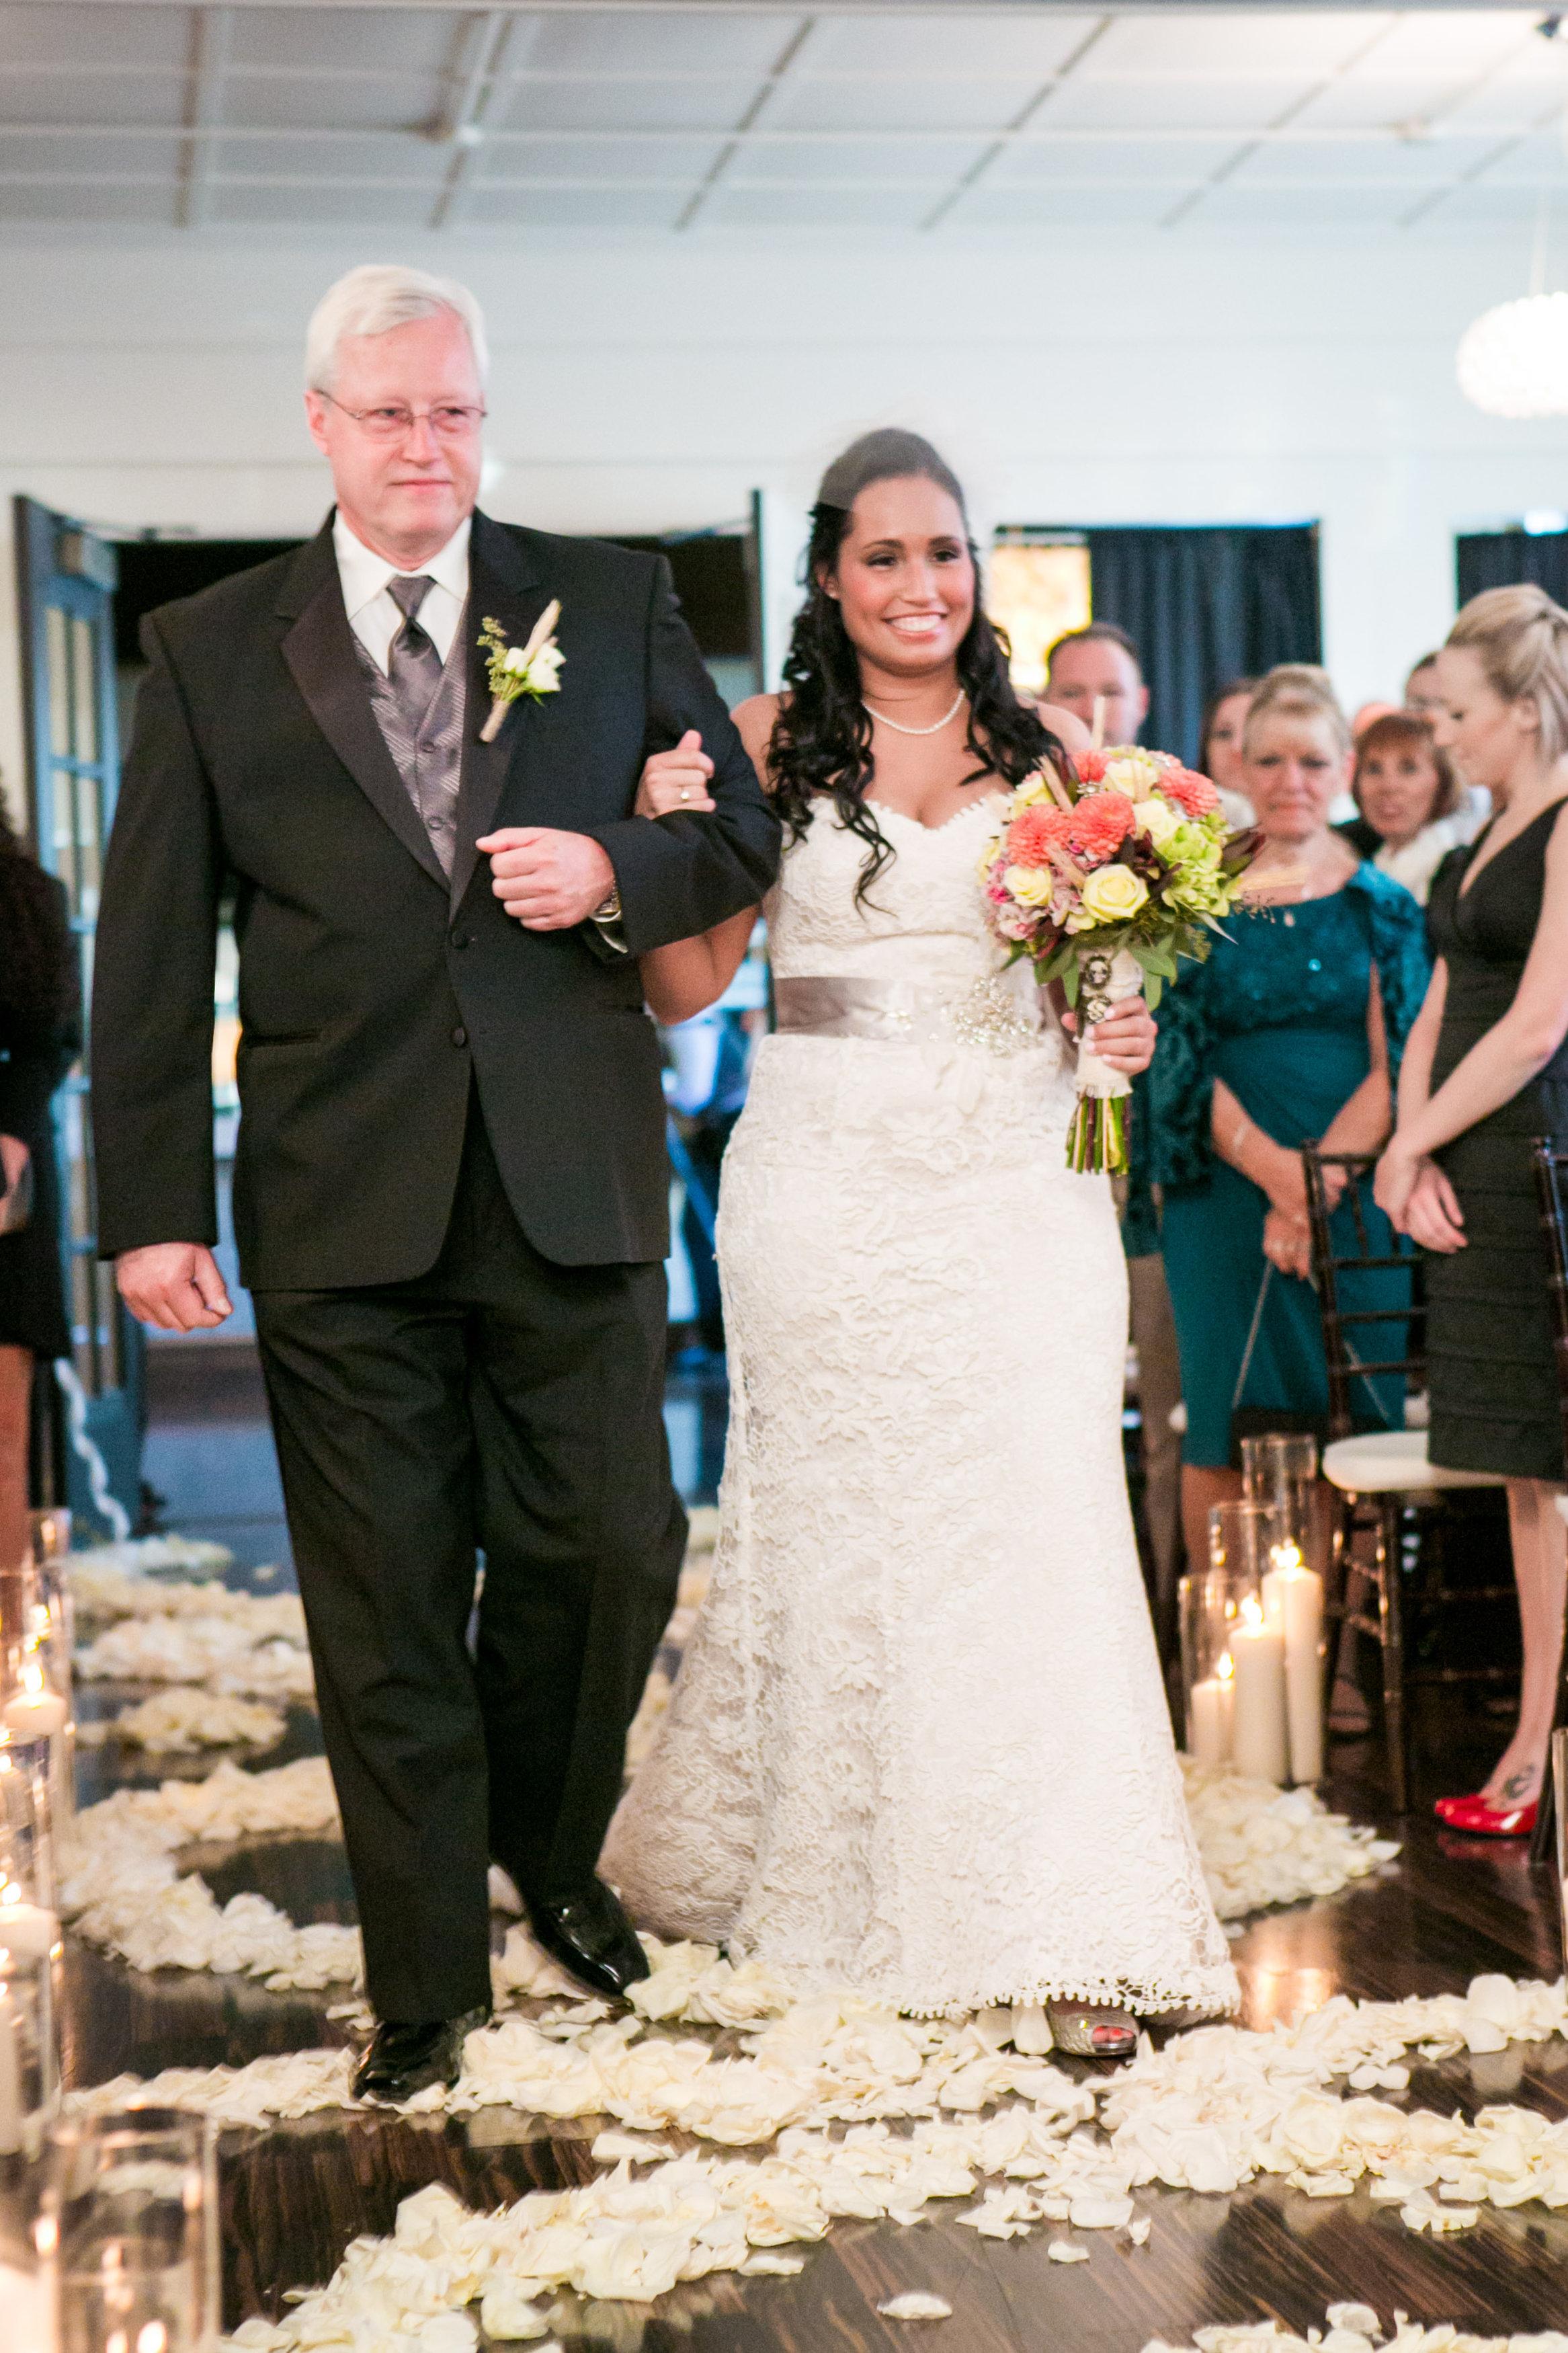 Lauren and Steve-1 Top Images-0039.jpg